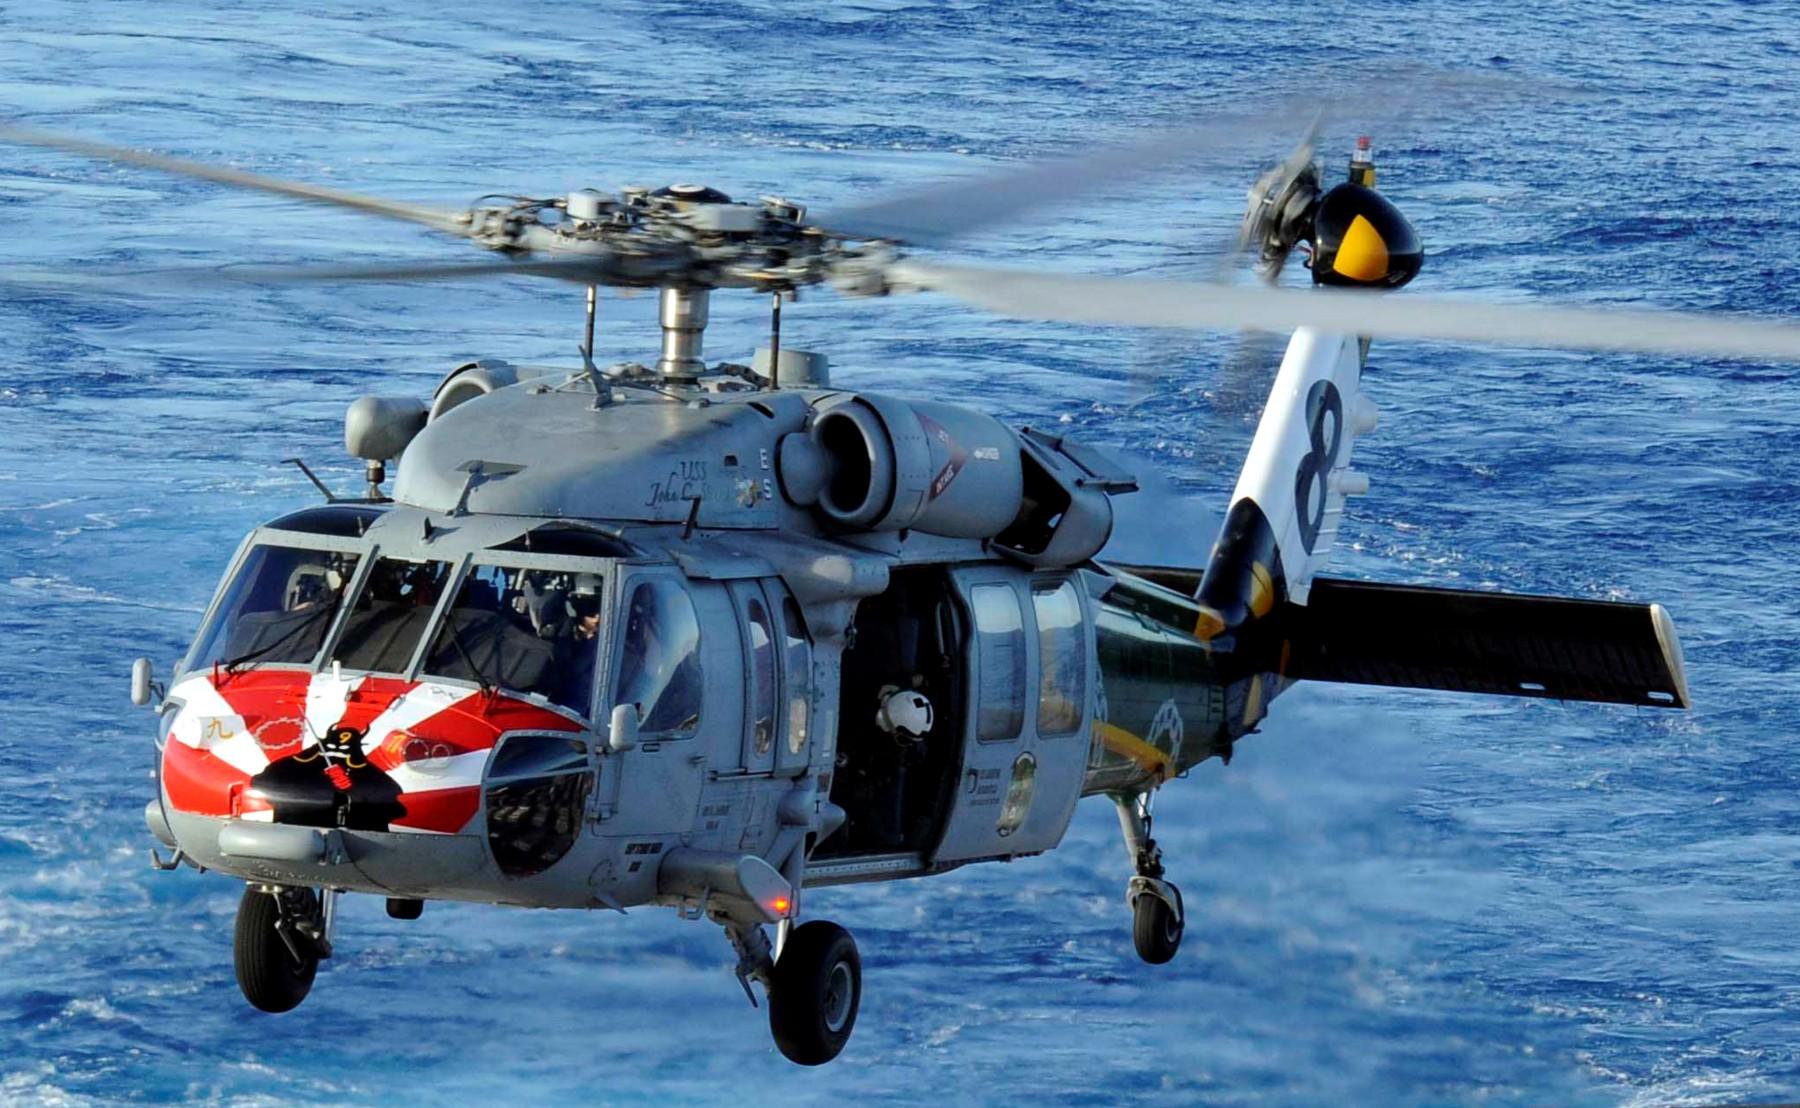 фигура противоречивая, вертолеты морской авиации в бою фото рисунки нетипичному появлению